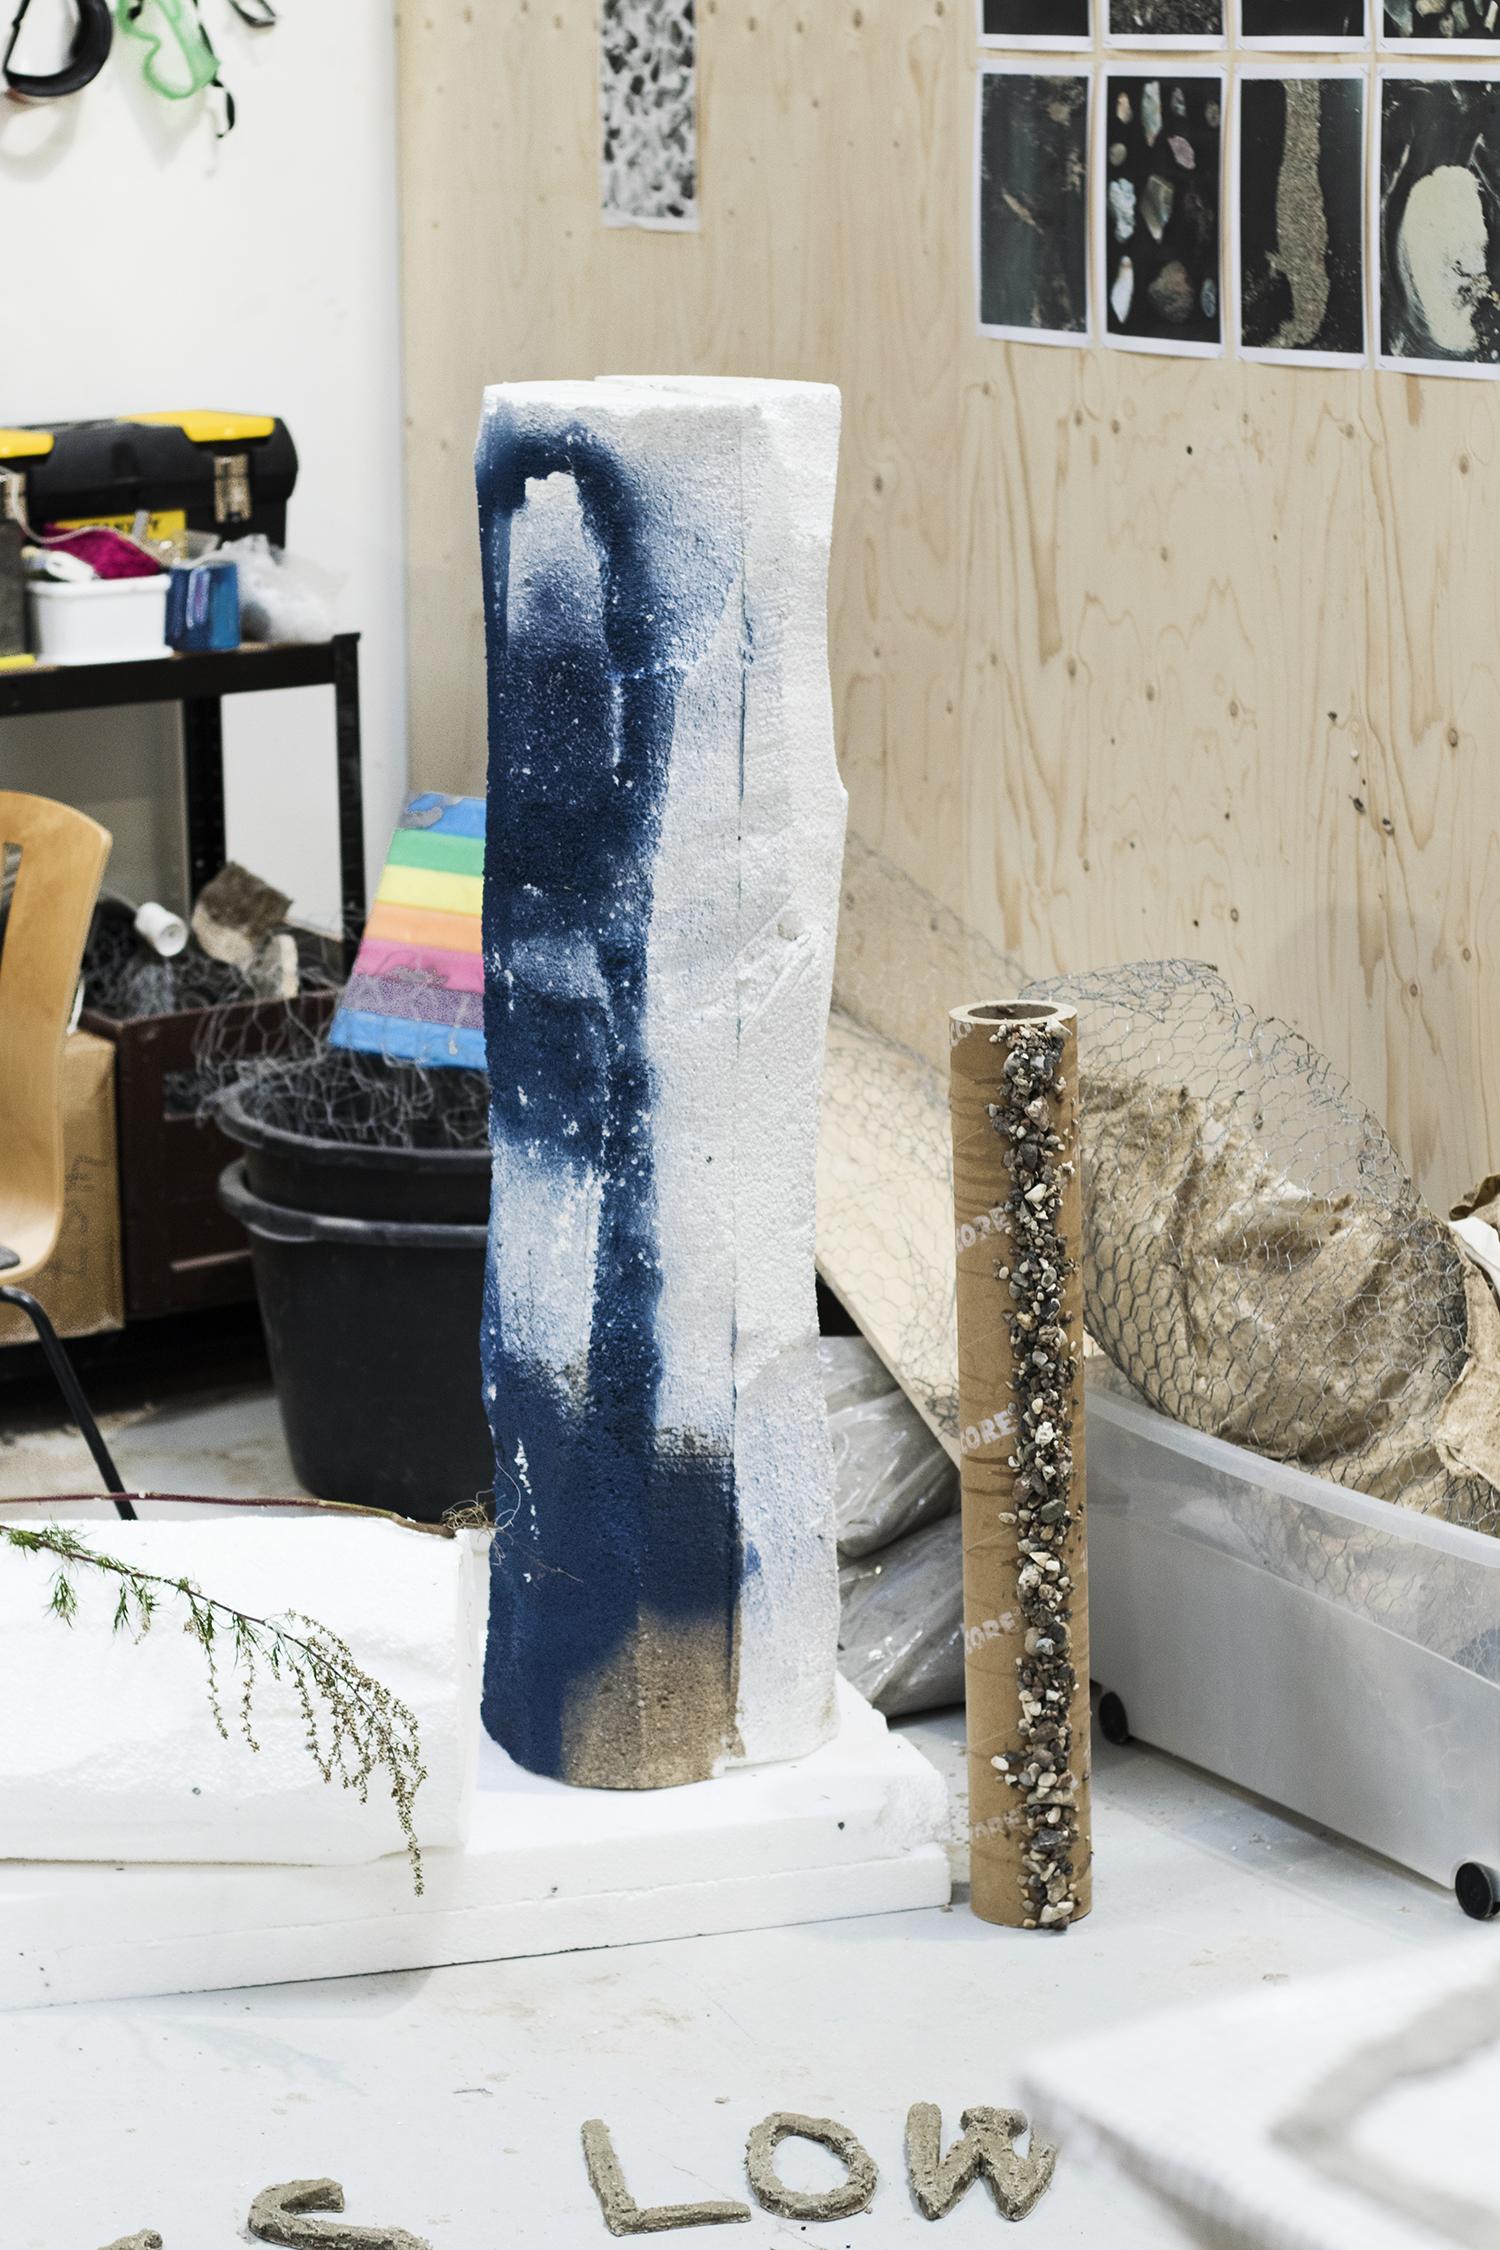 Regitze Engelsborg Karlsens atelier. Foto © I DO ART Agency.